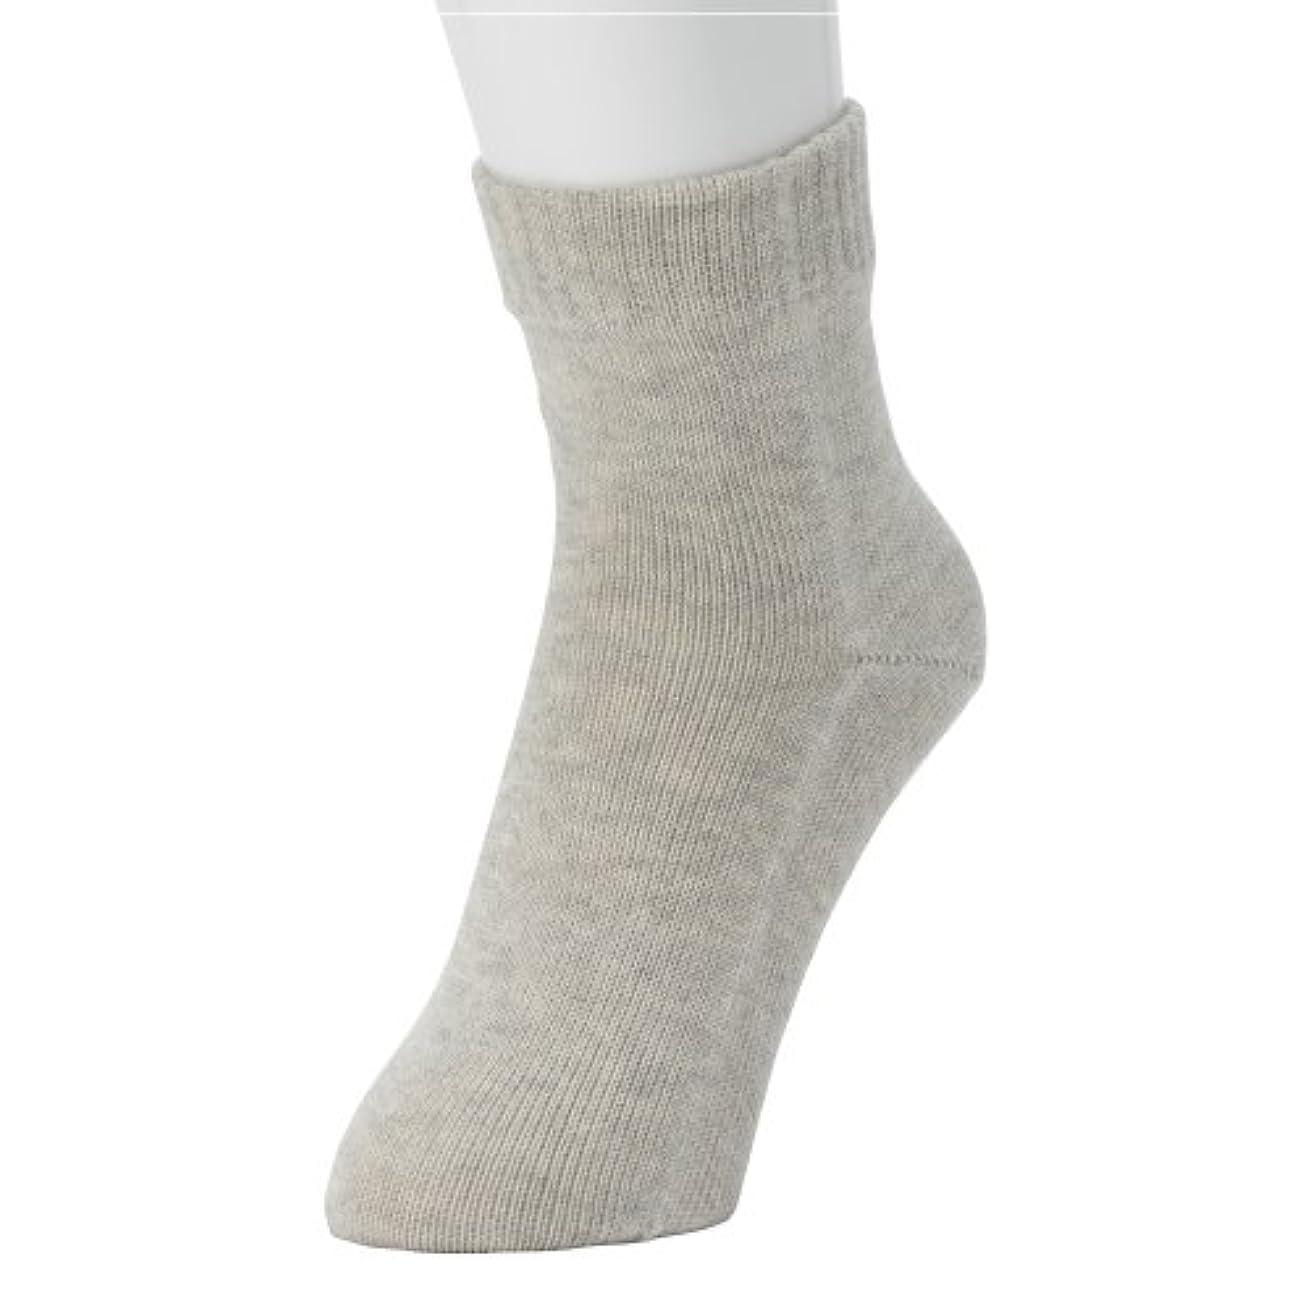 電気的に機会冷えとり?重ね履きに最適!本物シルクの 「くつしたの下」 Outer ソックス  <婦人用?ヘザーグレー>